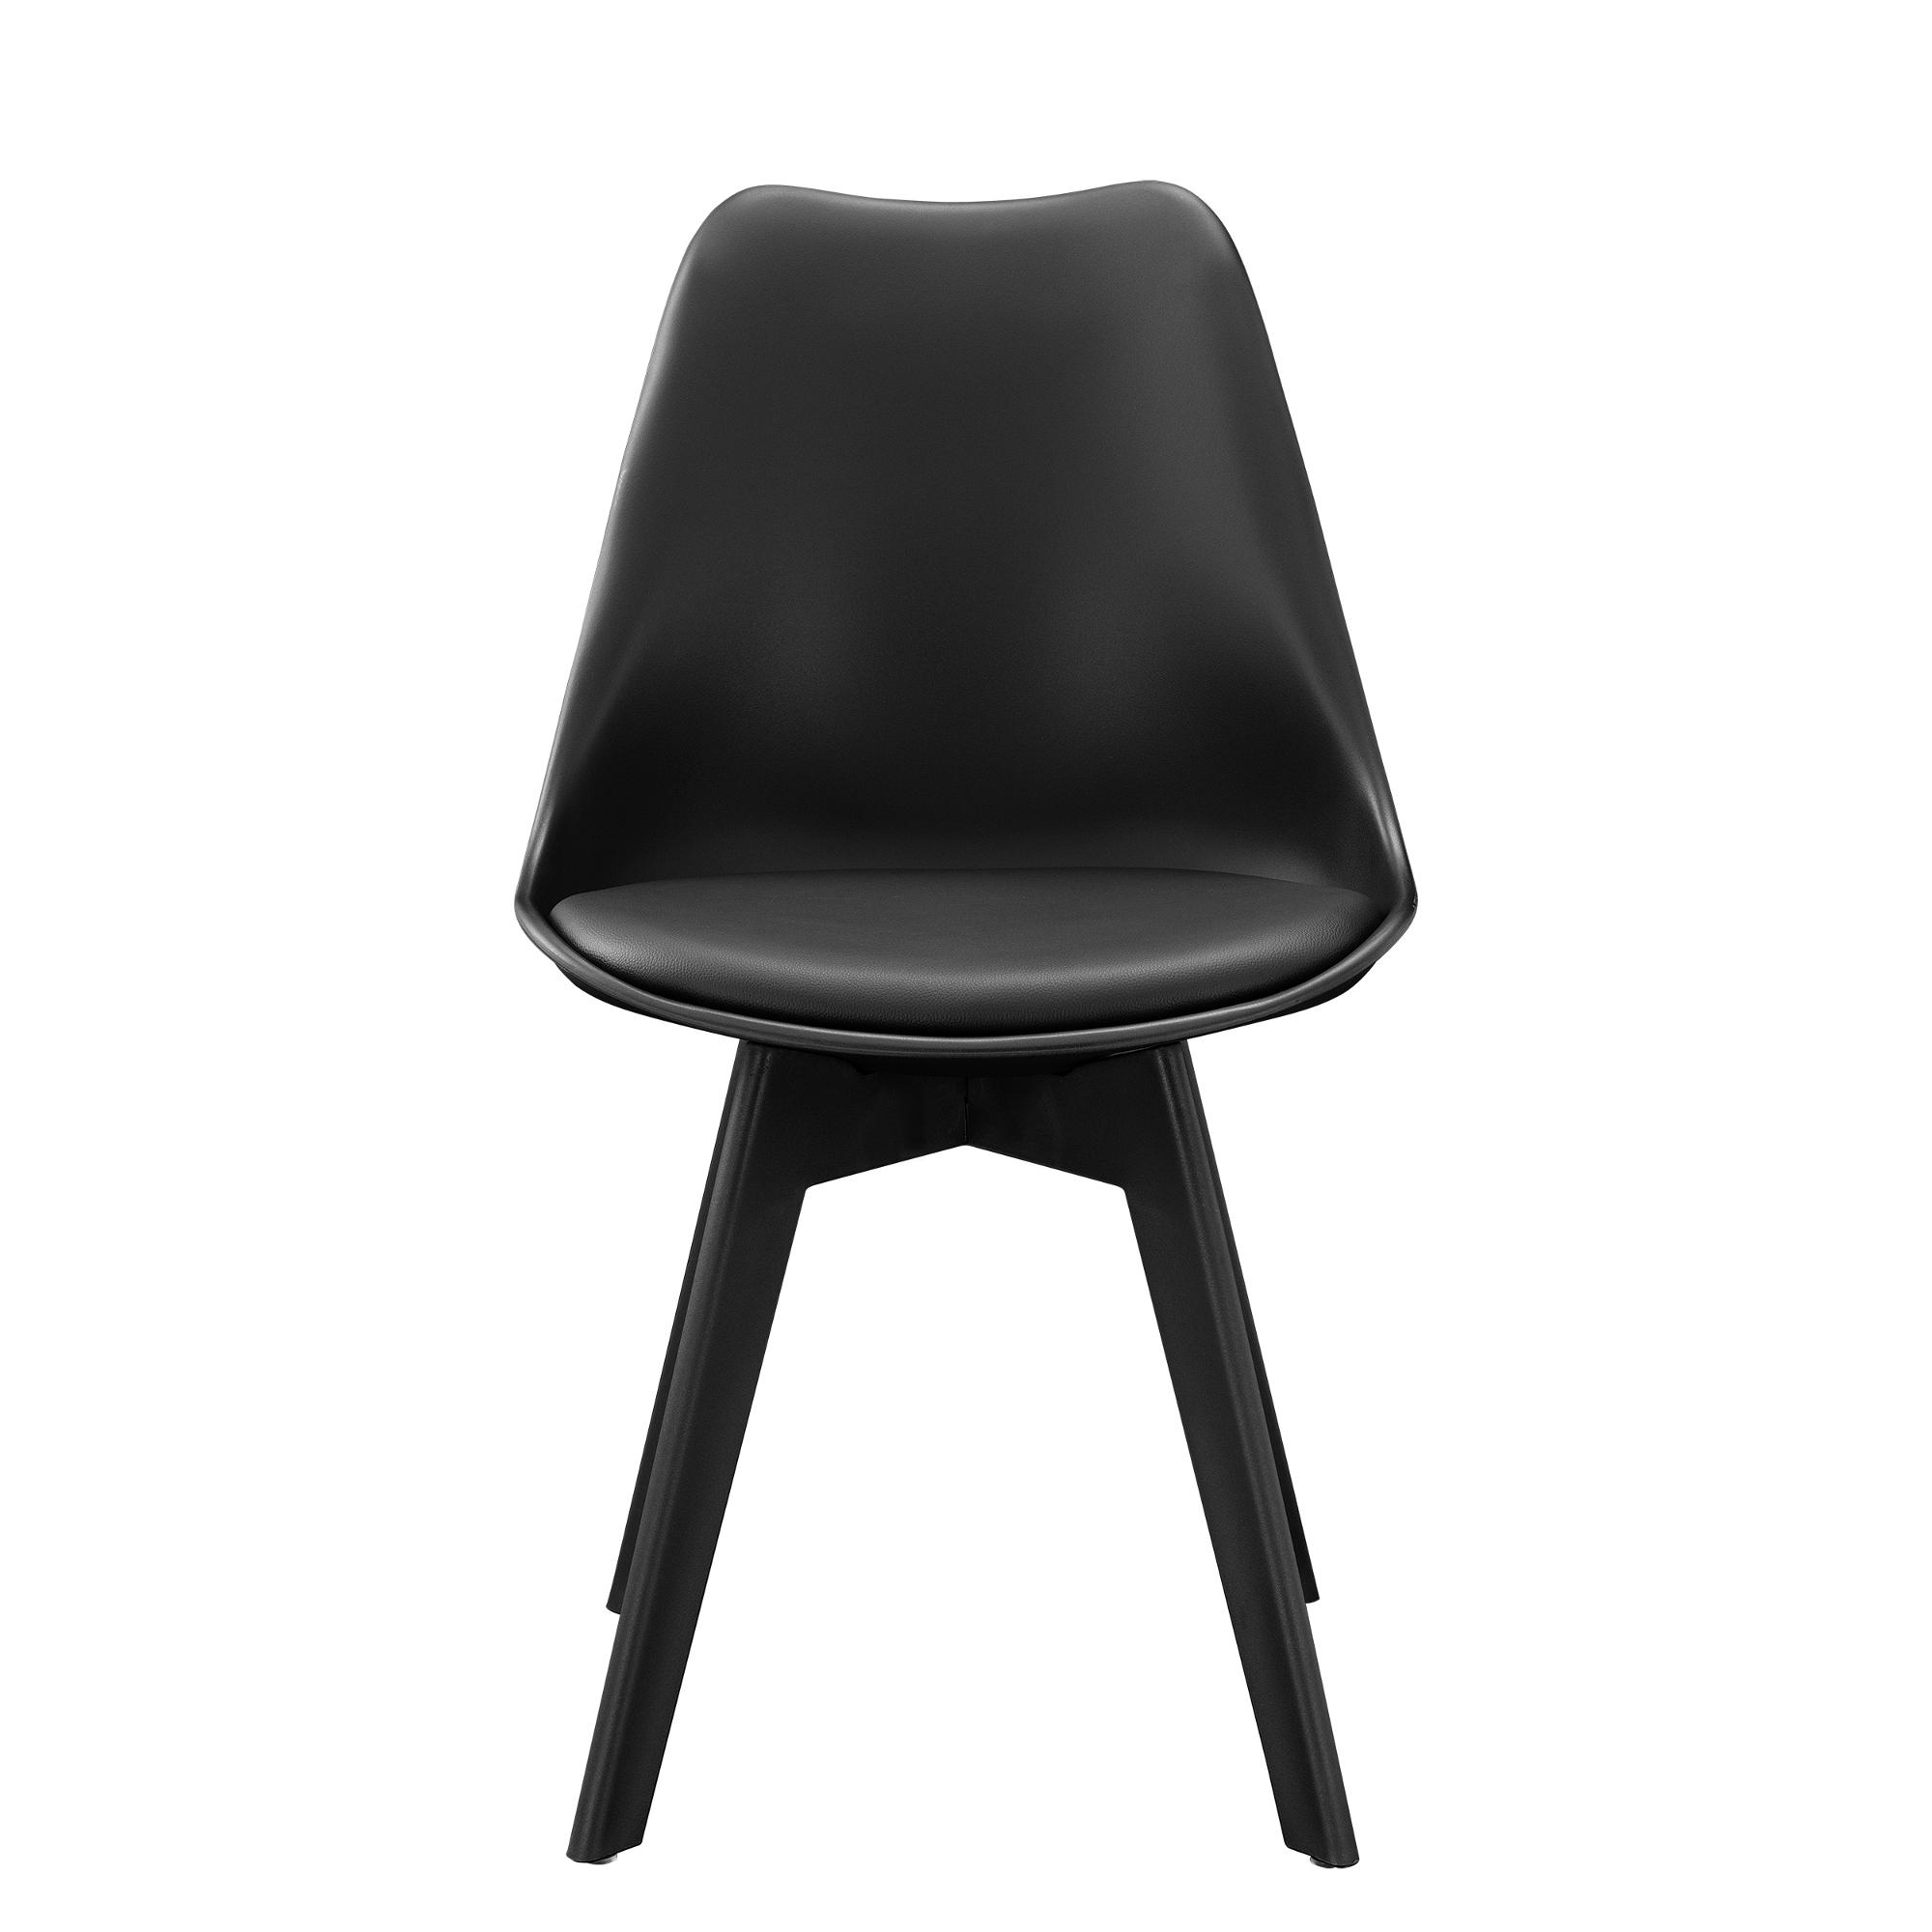 6x design chaises de salle noir chaise plastique similicuir chaise ebay. Black Bedroom Furniture Sets. Home Design Ideas